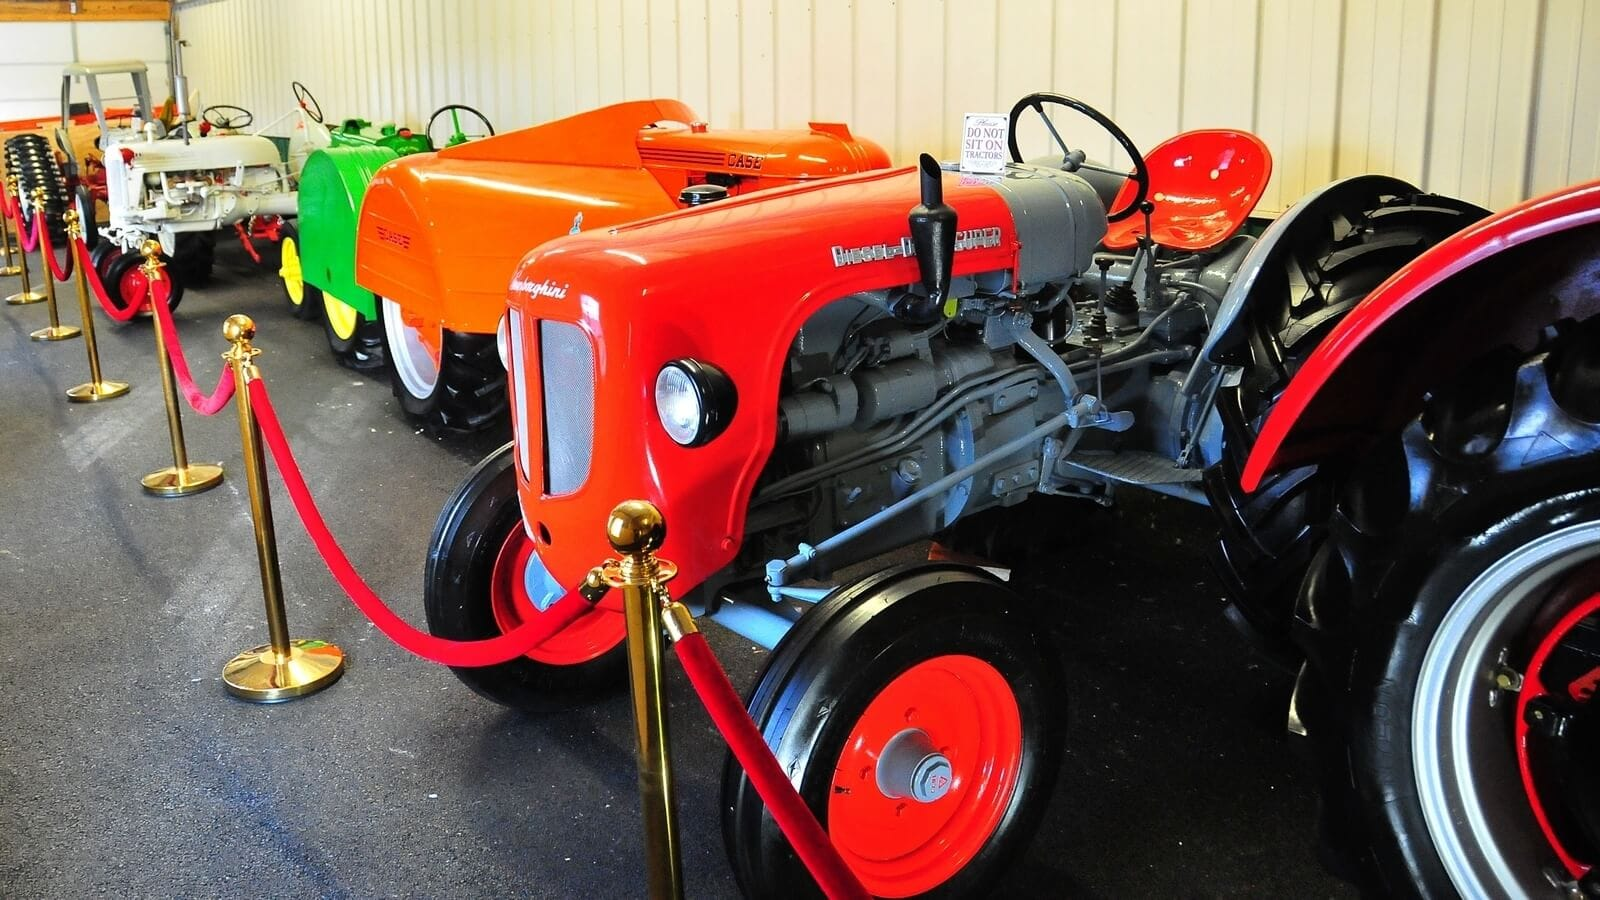 Vint tractors